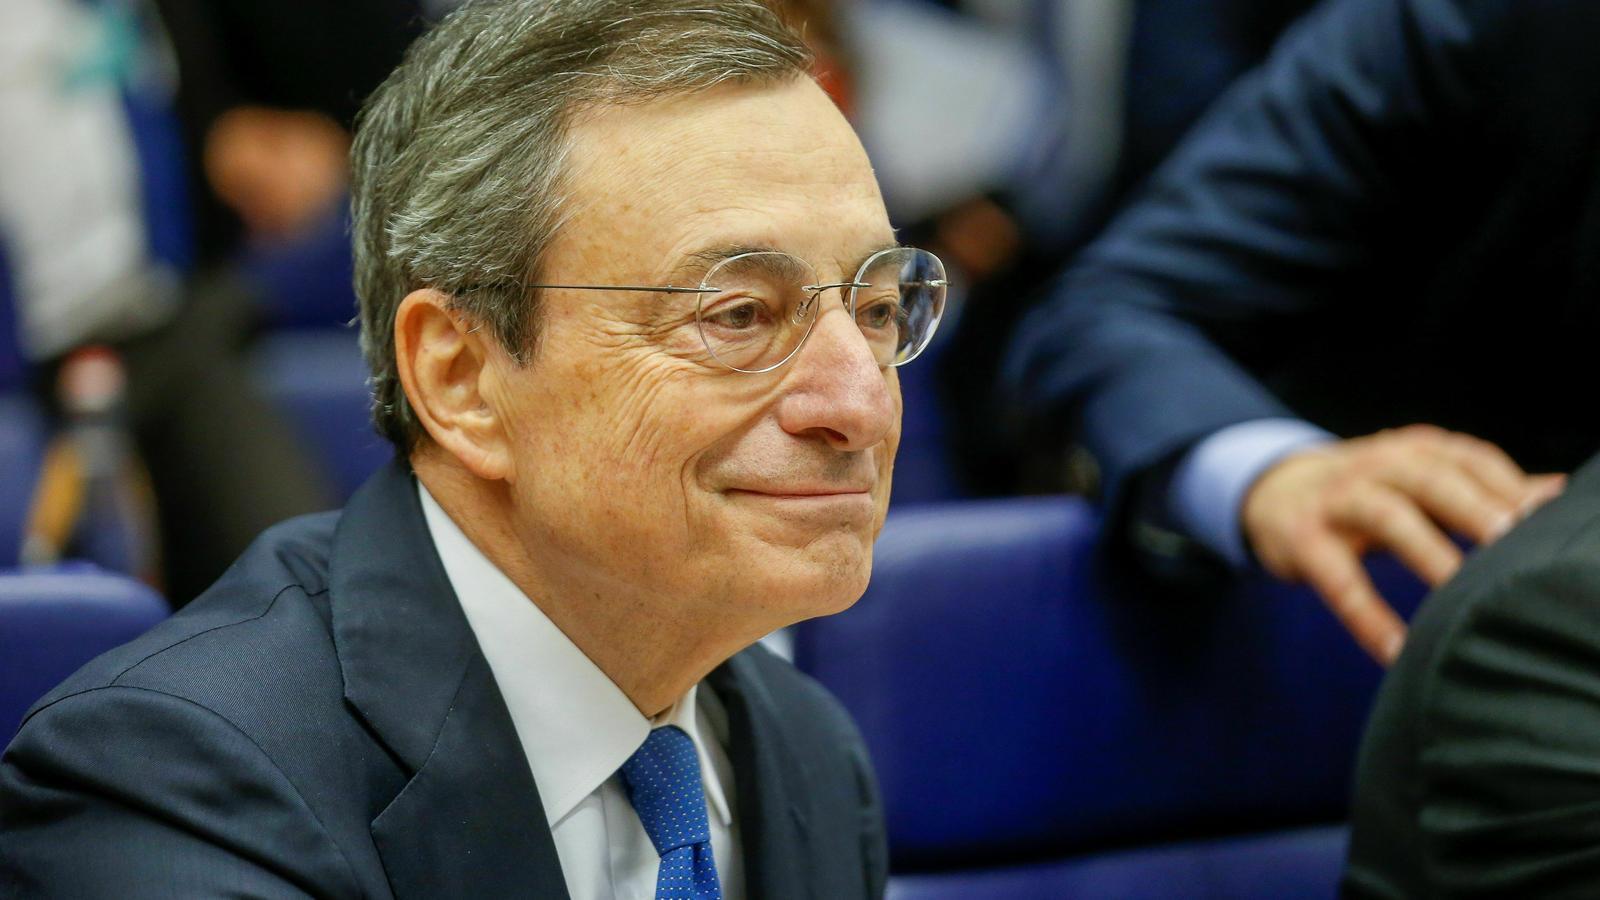 El president del BCE, Mario Draghi, en la reunió de l'Eurogrup a Luxemburg aquest dimecres.